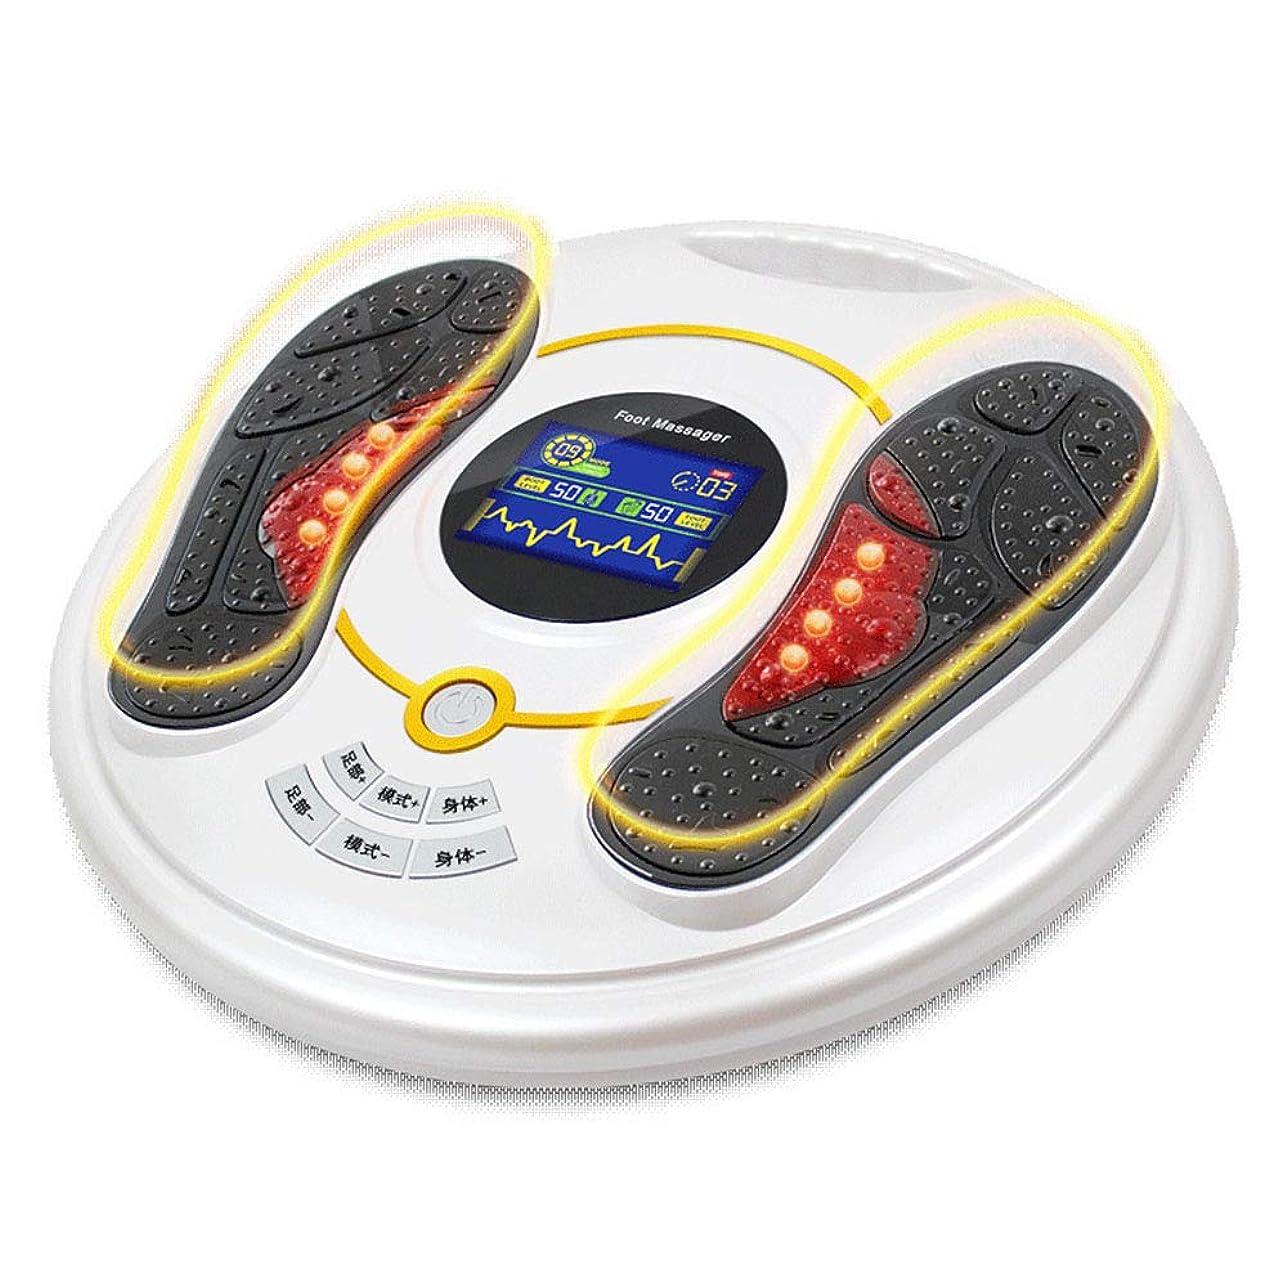 成功するお香スリム多機能 電磁足循環マッサージ、99種類の電磁波強度、25のマッサージモード、ホームオフィスのための足の痛みを和らげる インテリジェント, White